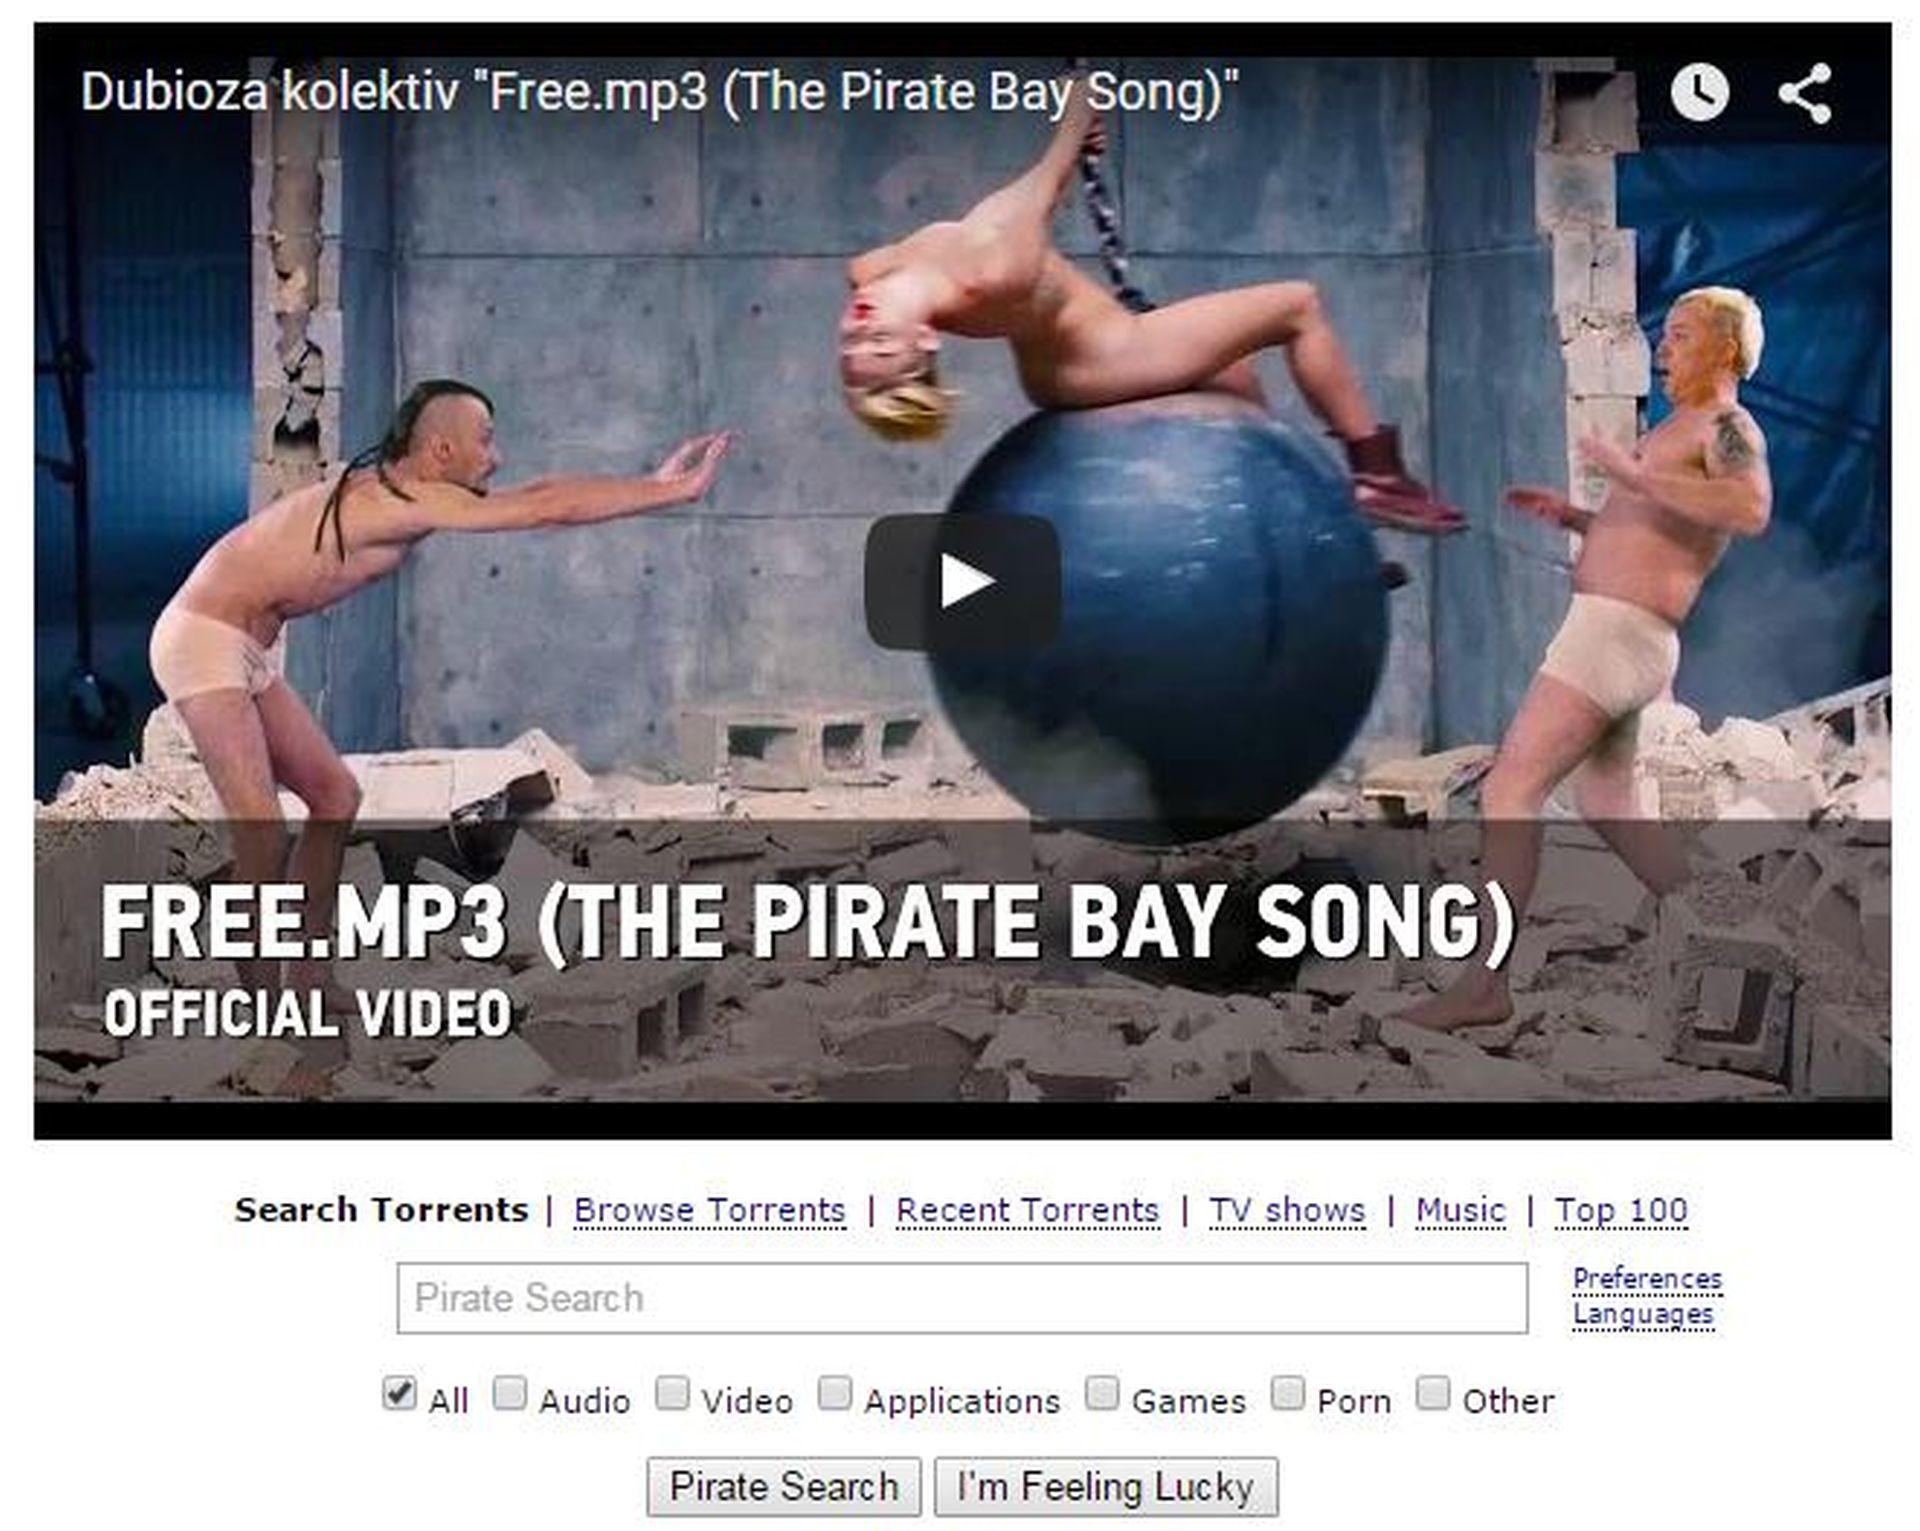 VIDEO: FREE.MP3 NA POČETNOJ STRANICI PIRATE BAYJA Dubioza kolektiv novom pjesmom osvaja svijet